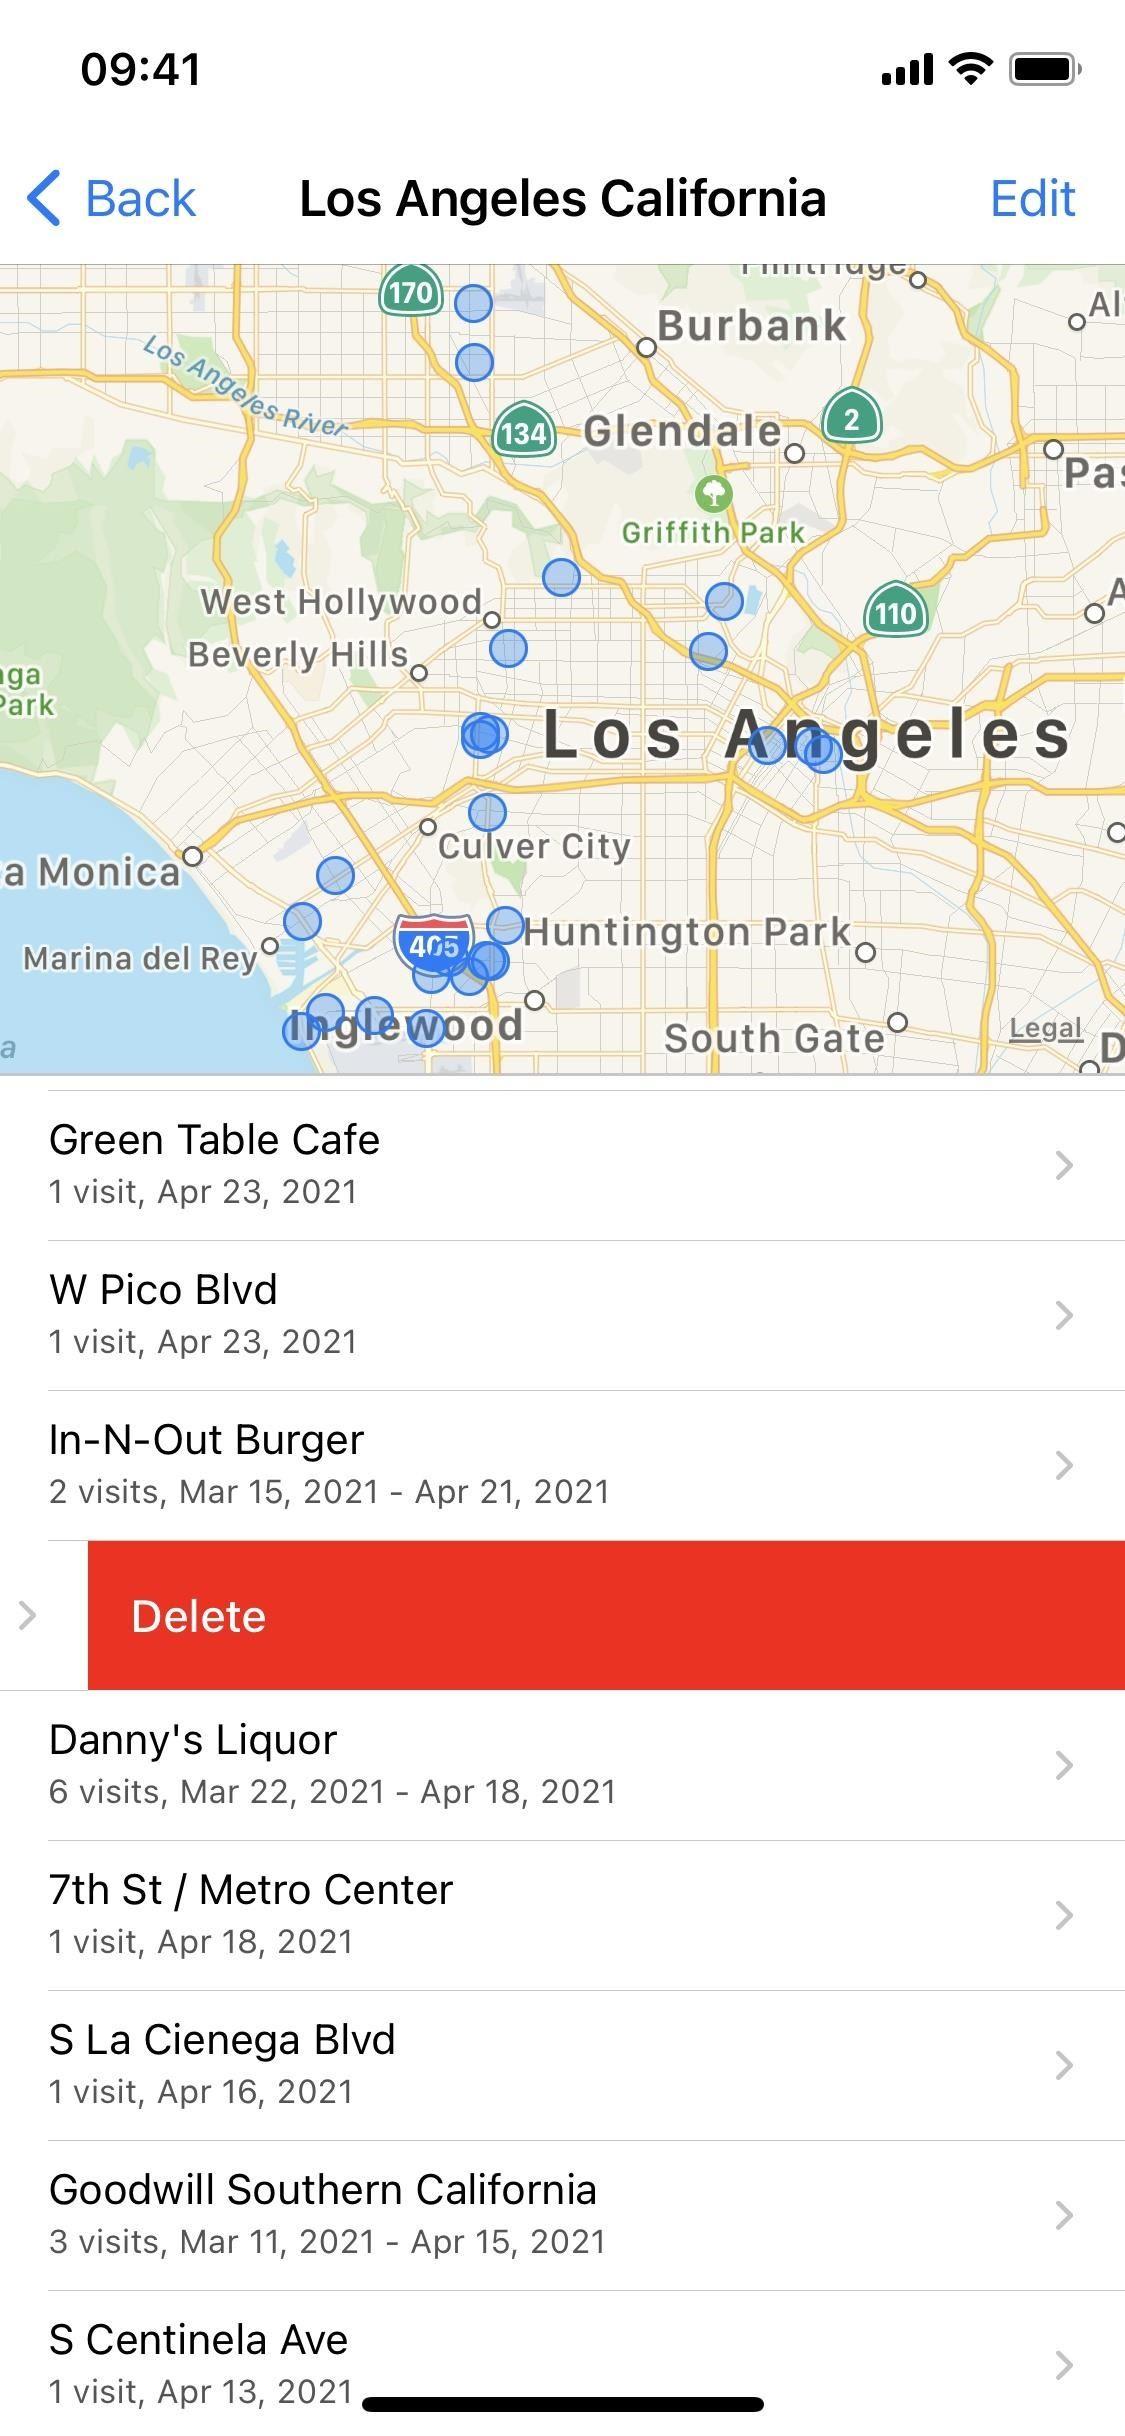 Votre iPhone utilise un tracker caché pour garder un œil sur vos emplacements récents et les plus visités - mais vous pouvez l'arrêter